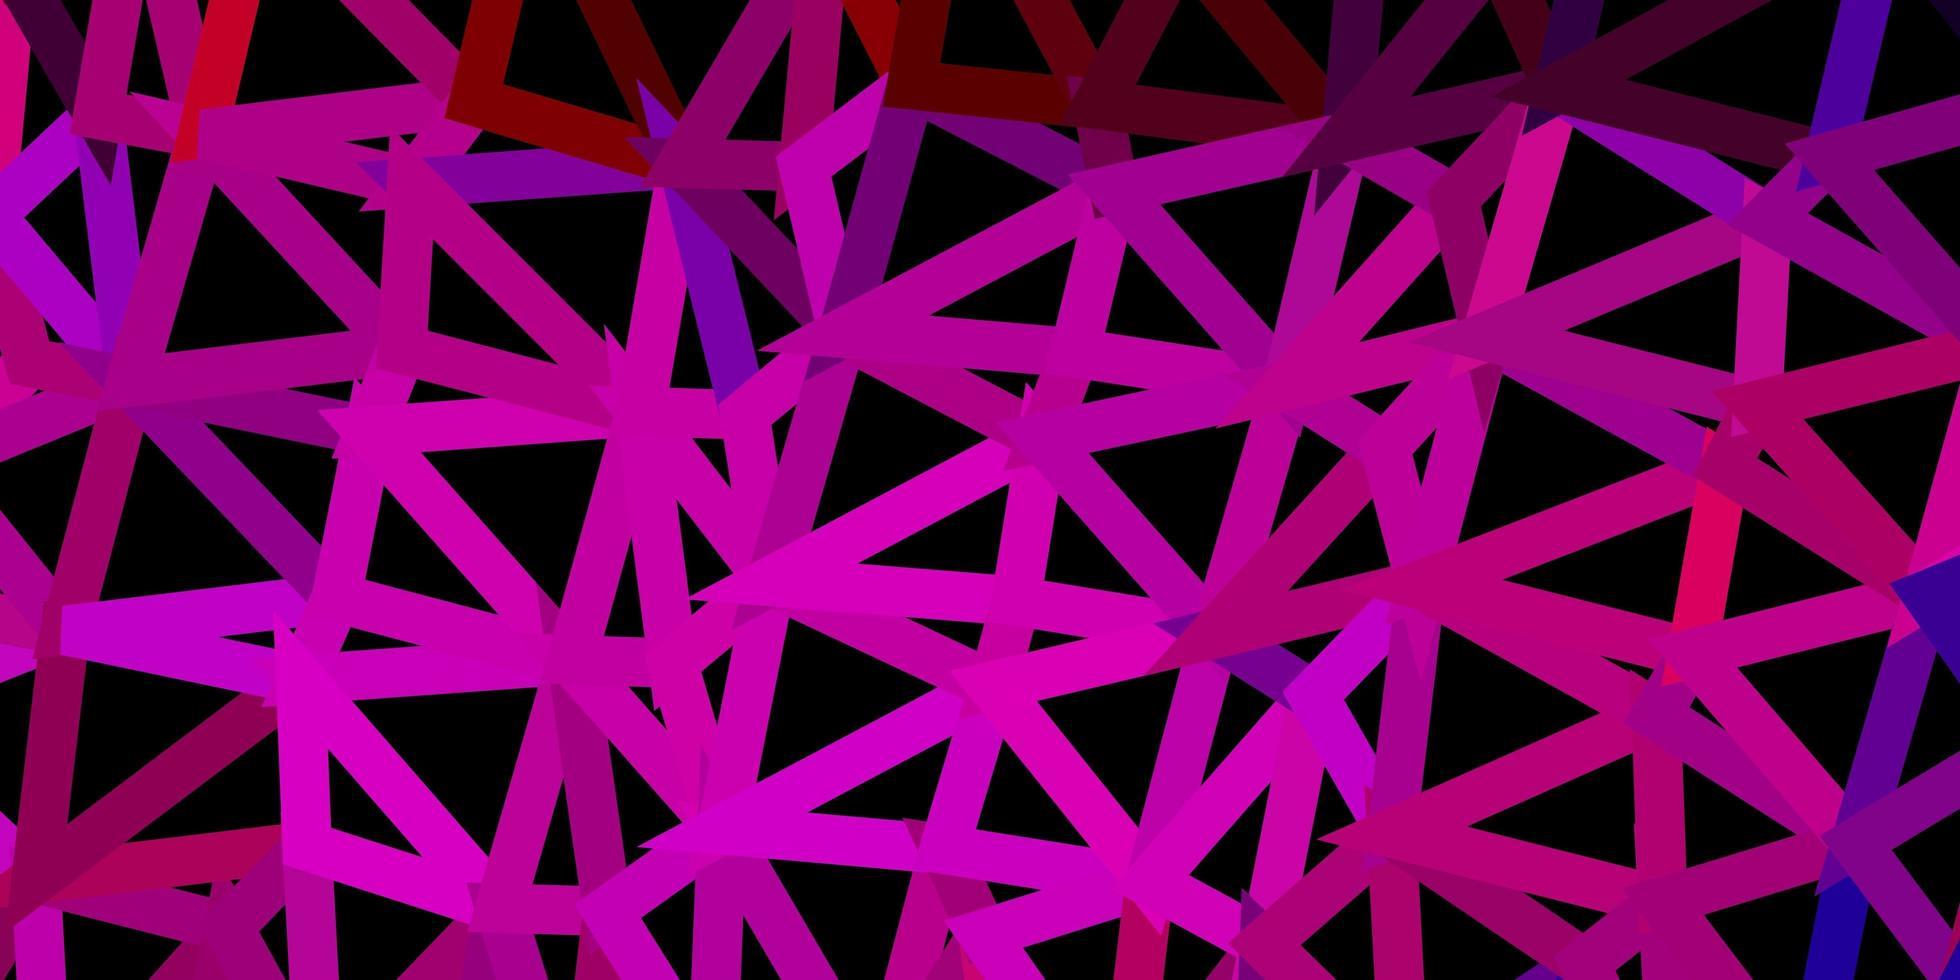 projeto do mosaico do triângulo do vetor azul escuro e vermelho.